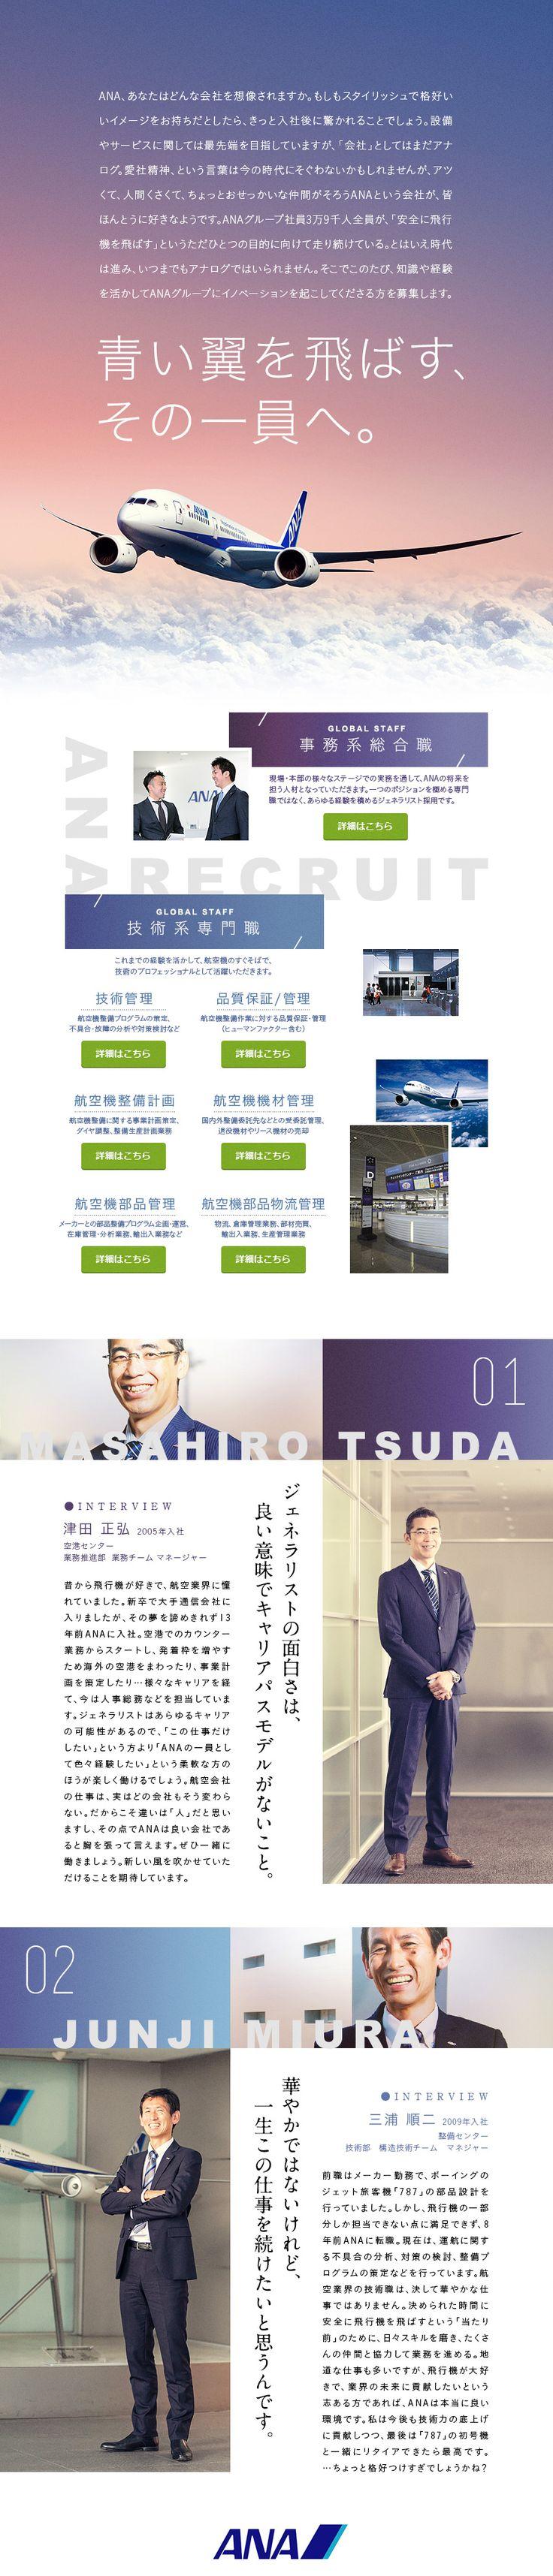 全日本空輸株式会社(ALL NIPPON AIRWAYS CO., LTD.)/グローバルスタッフ(事務系総合職) ※整備センターで働く技術職も同時募集中の求人PR - 転職ならDODA(デューダ)